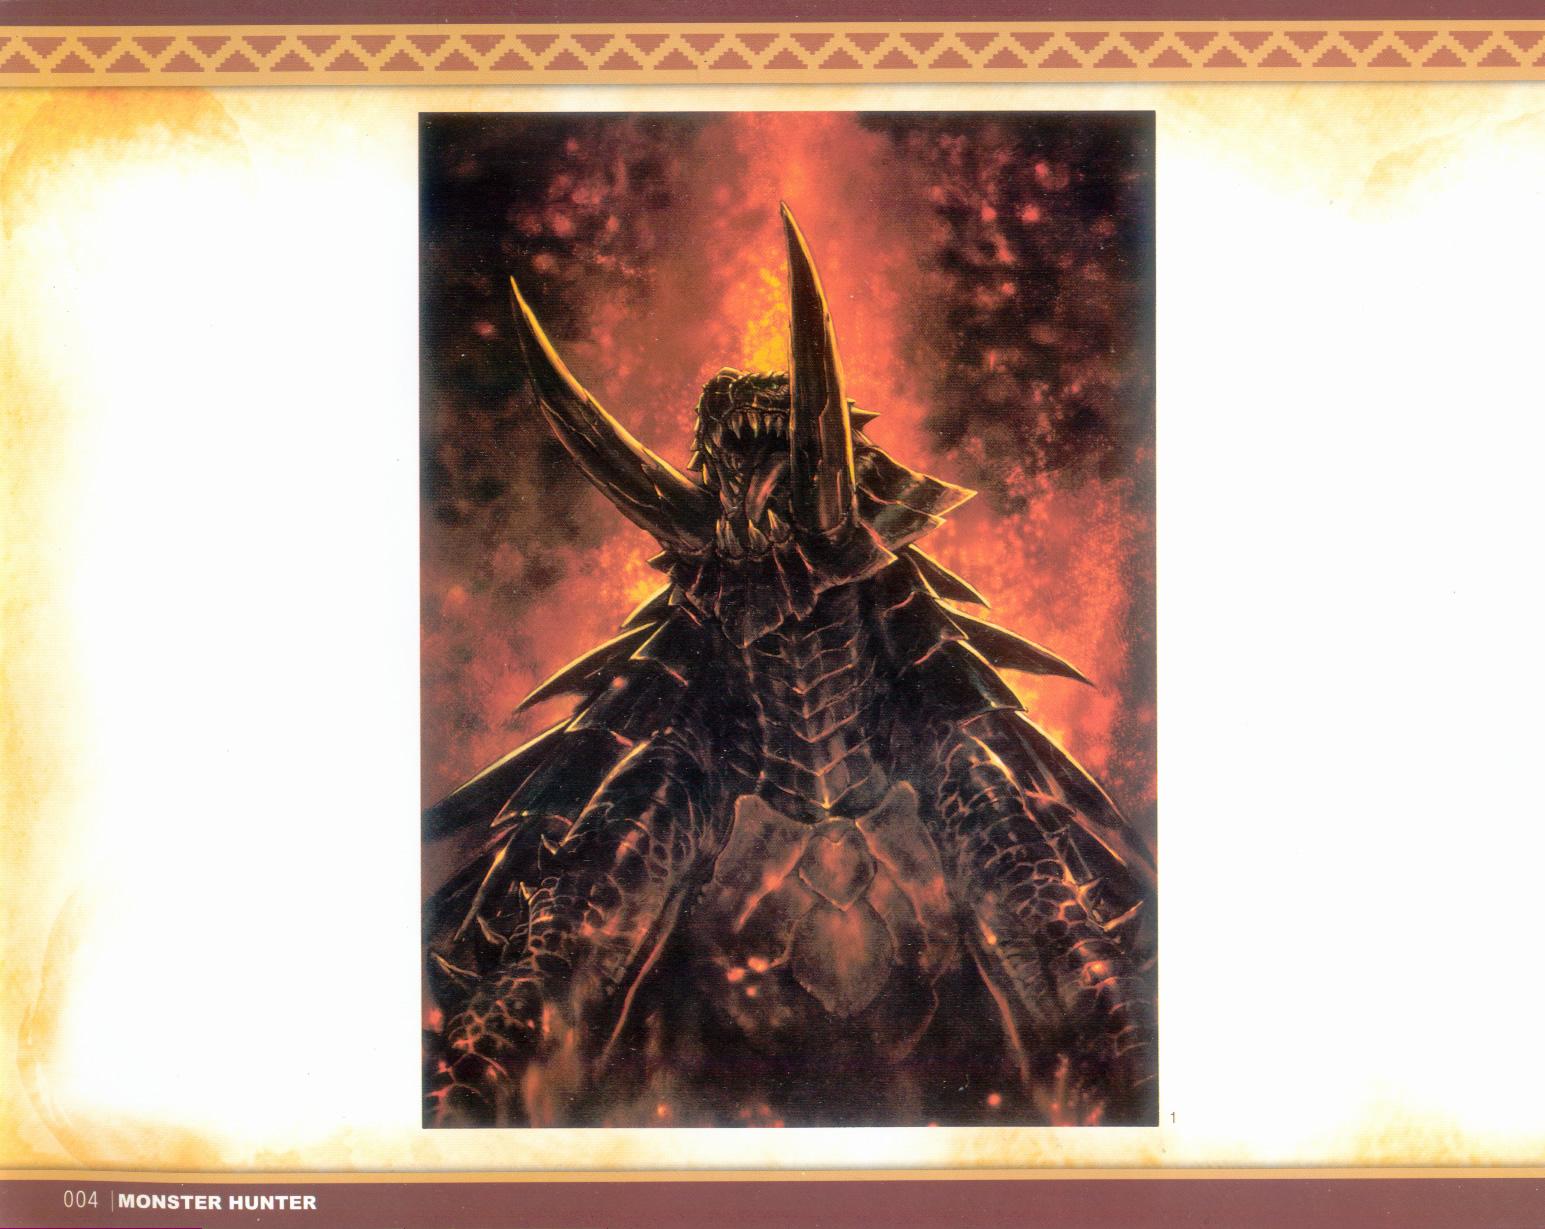 004_关注-游艺网GAME798海量资源下载怪物猎人终极画集.jpg